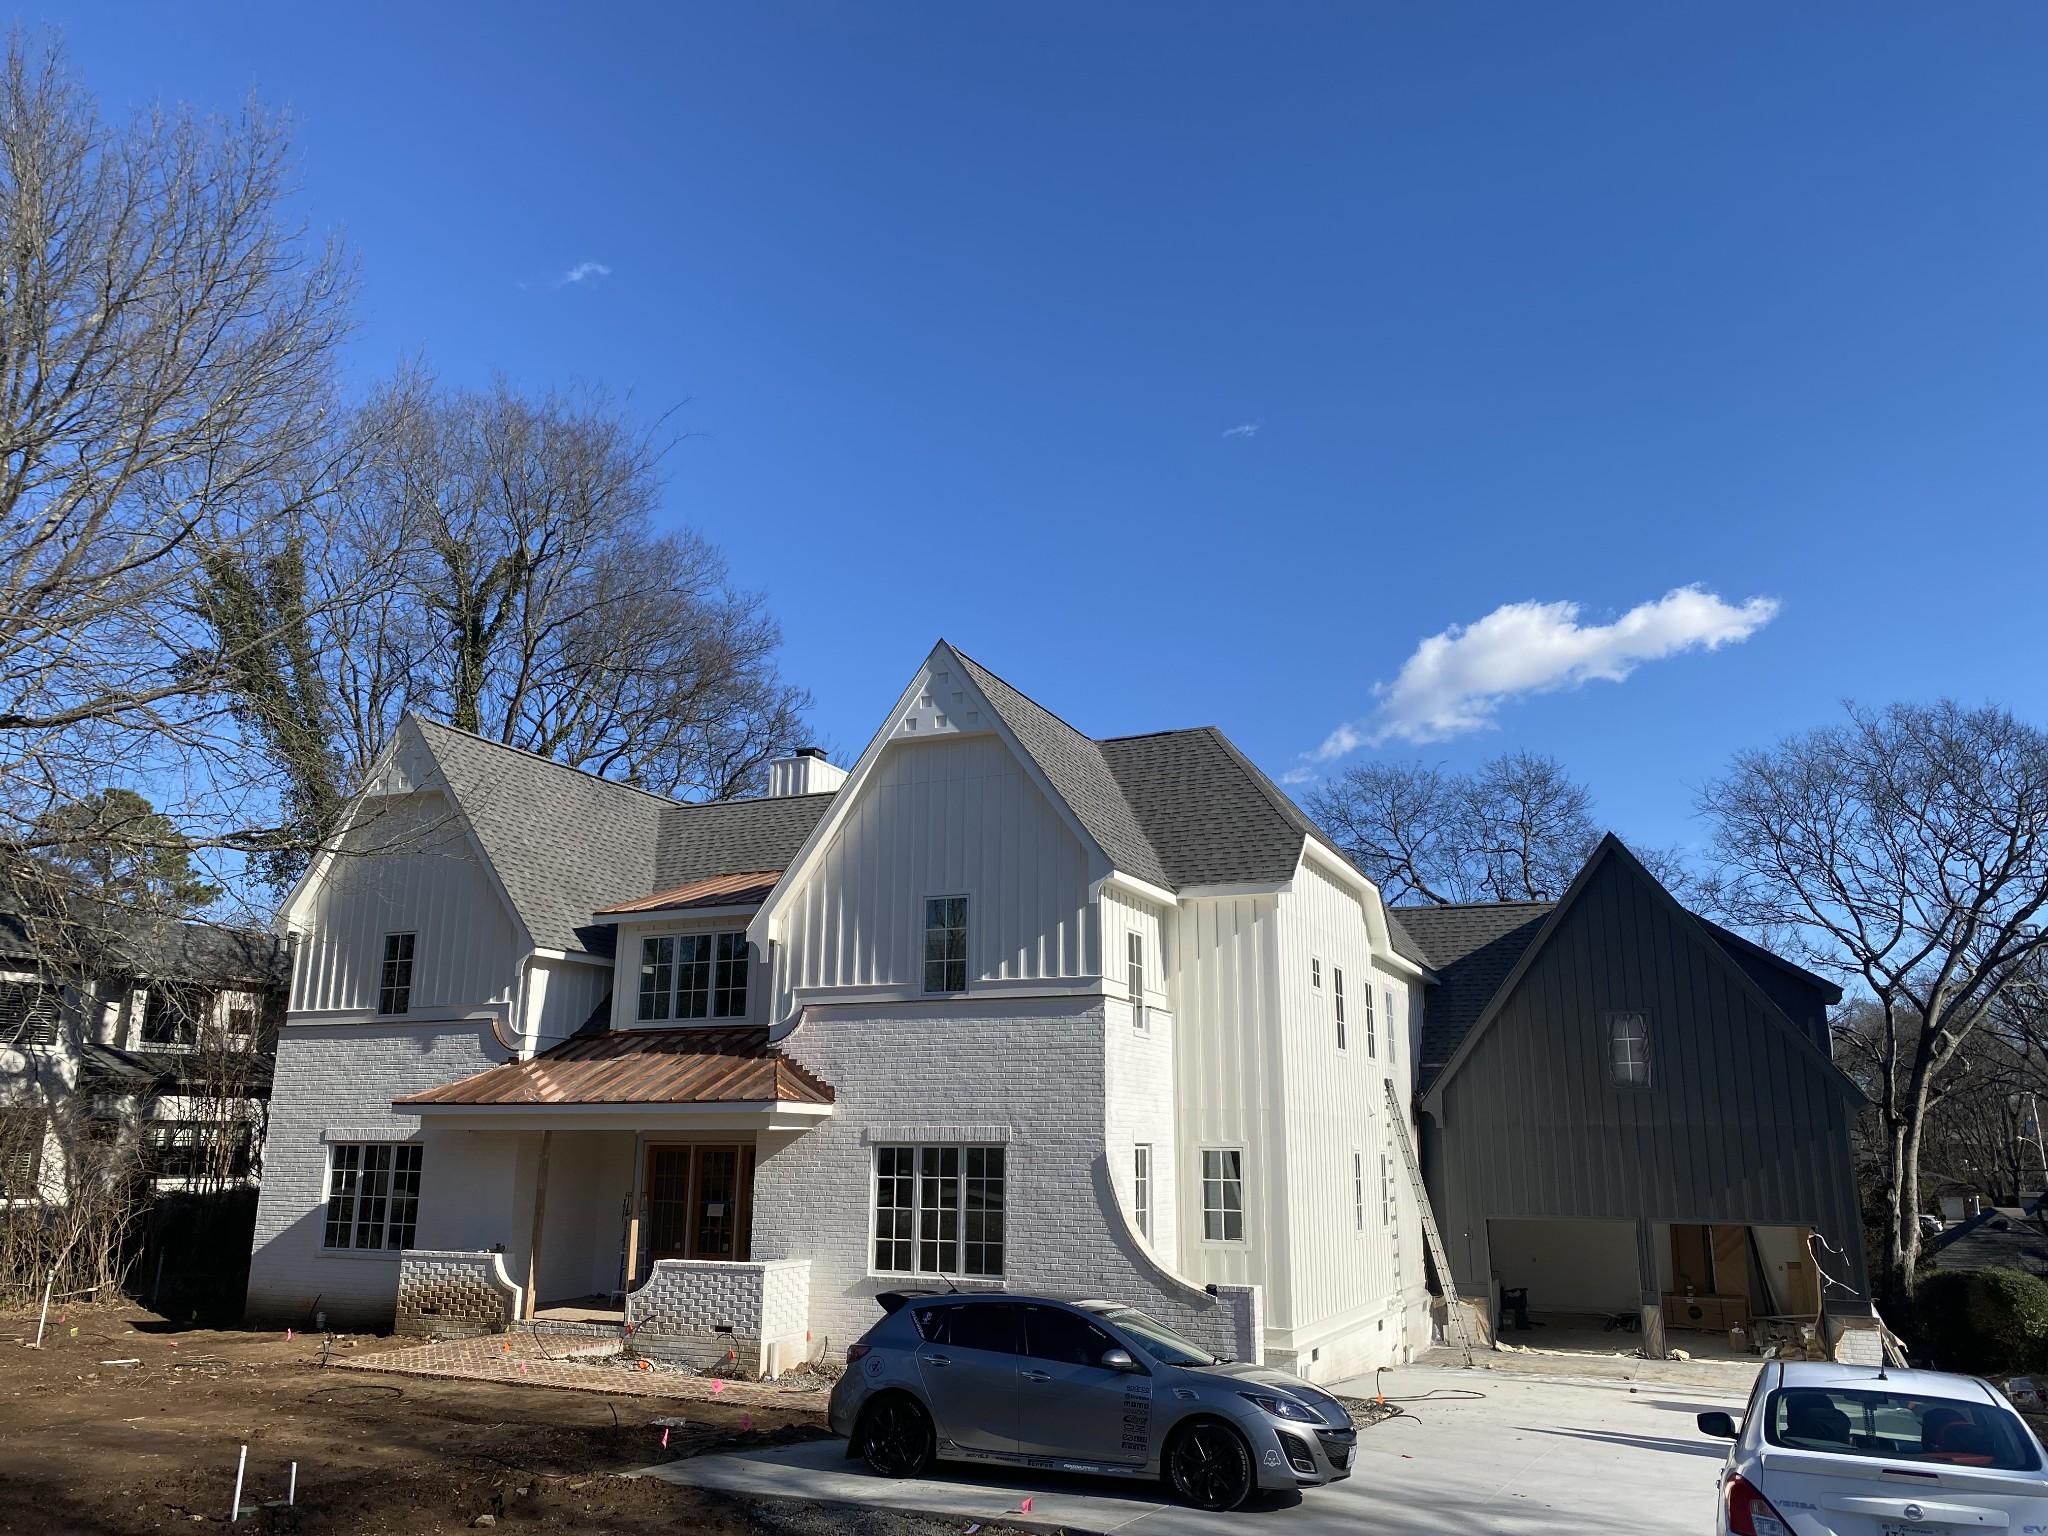 4010 Dorcas Dr, Nashville, TN 37215 - Nashville, TN real estate listing